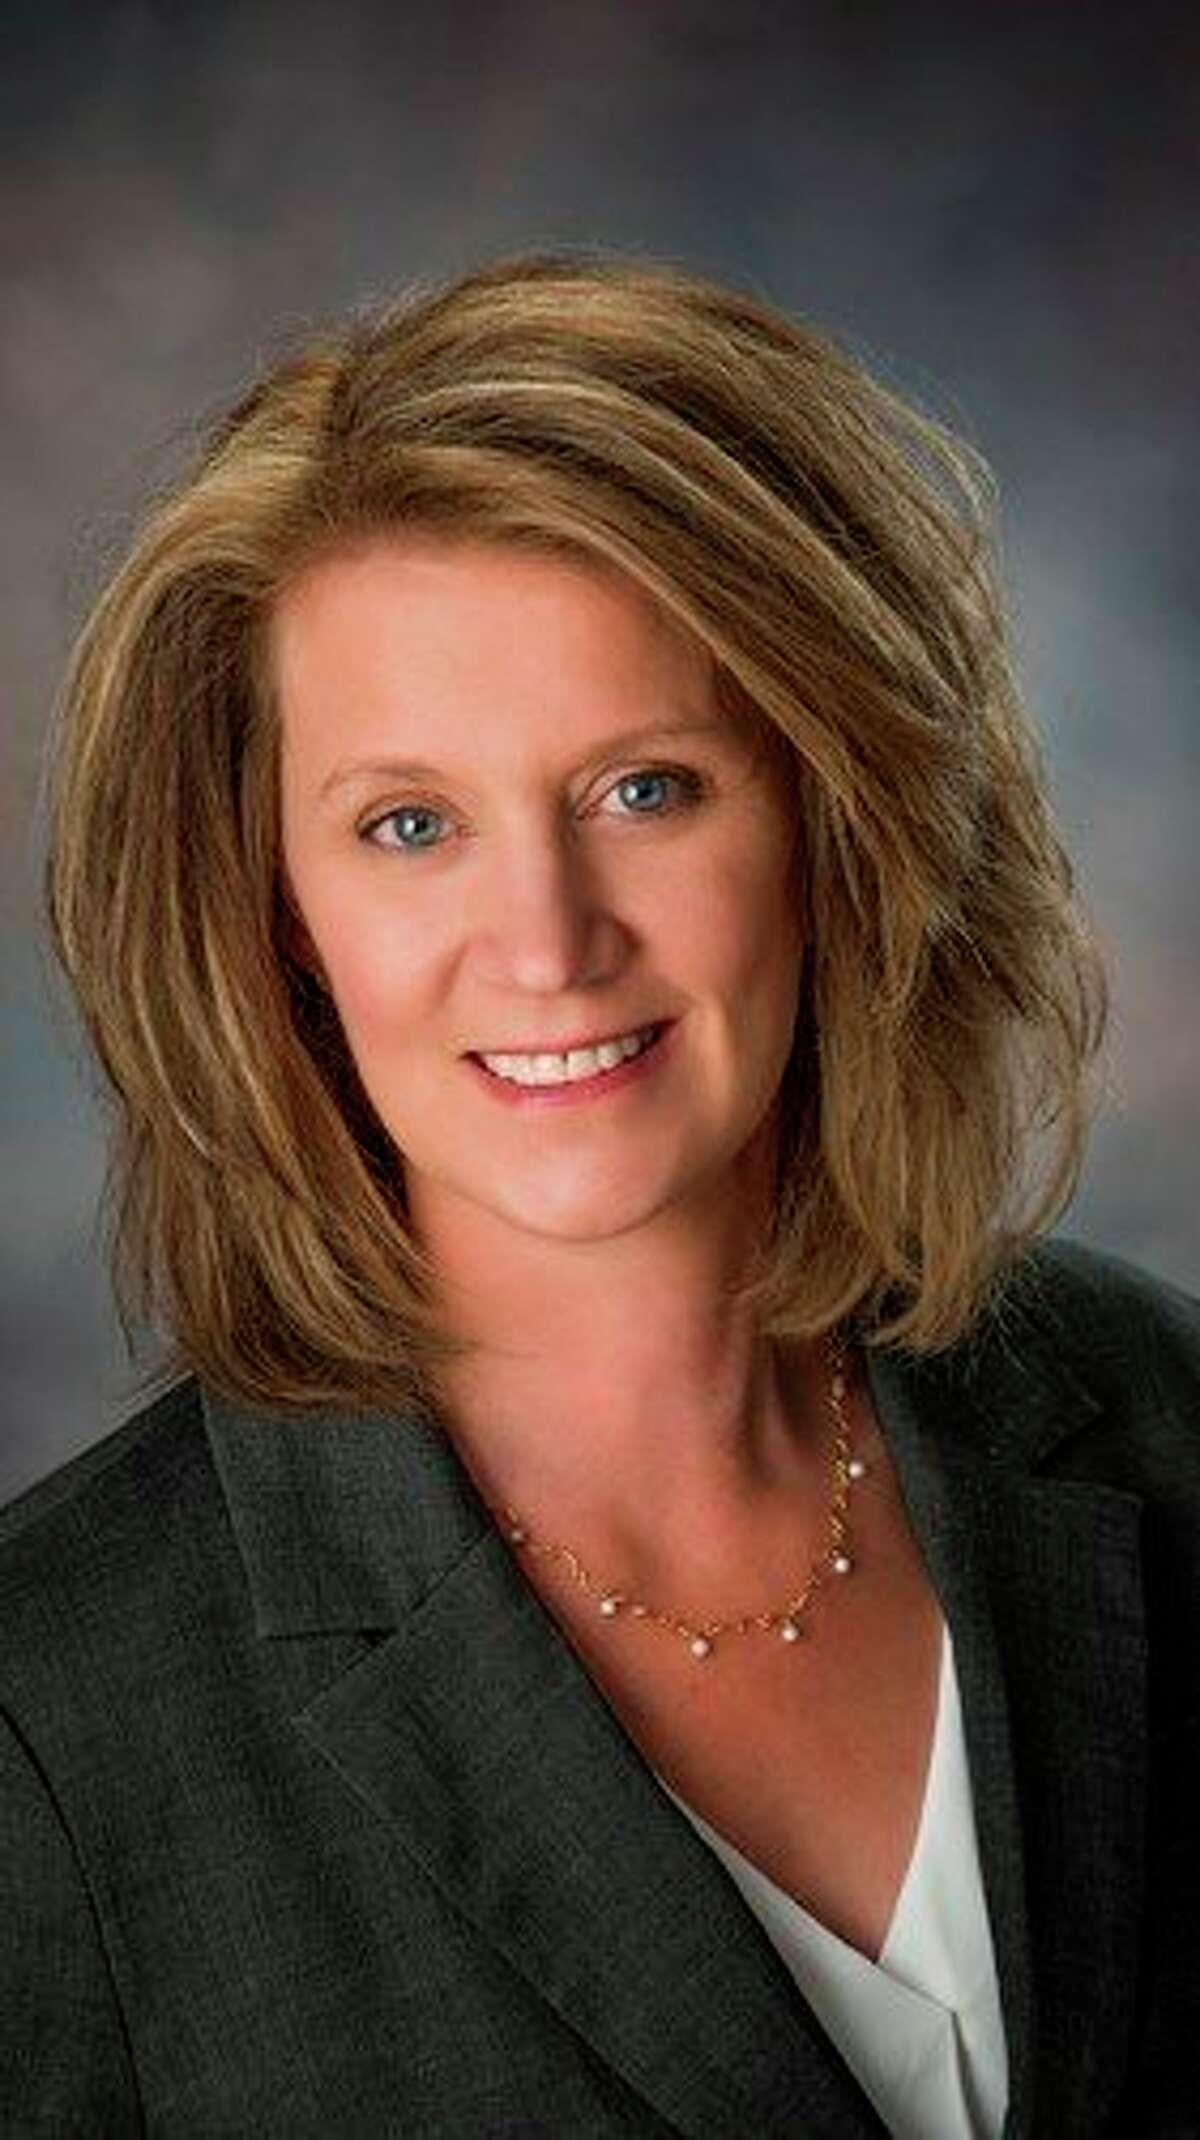 Eileen Surbrook